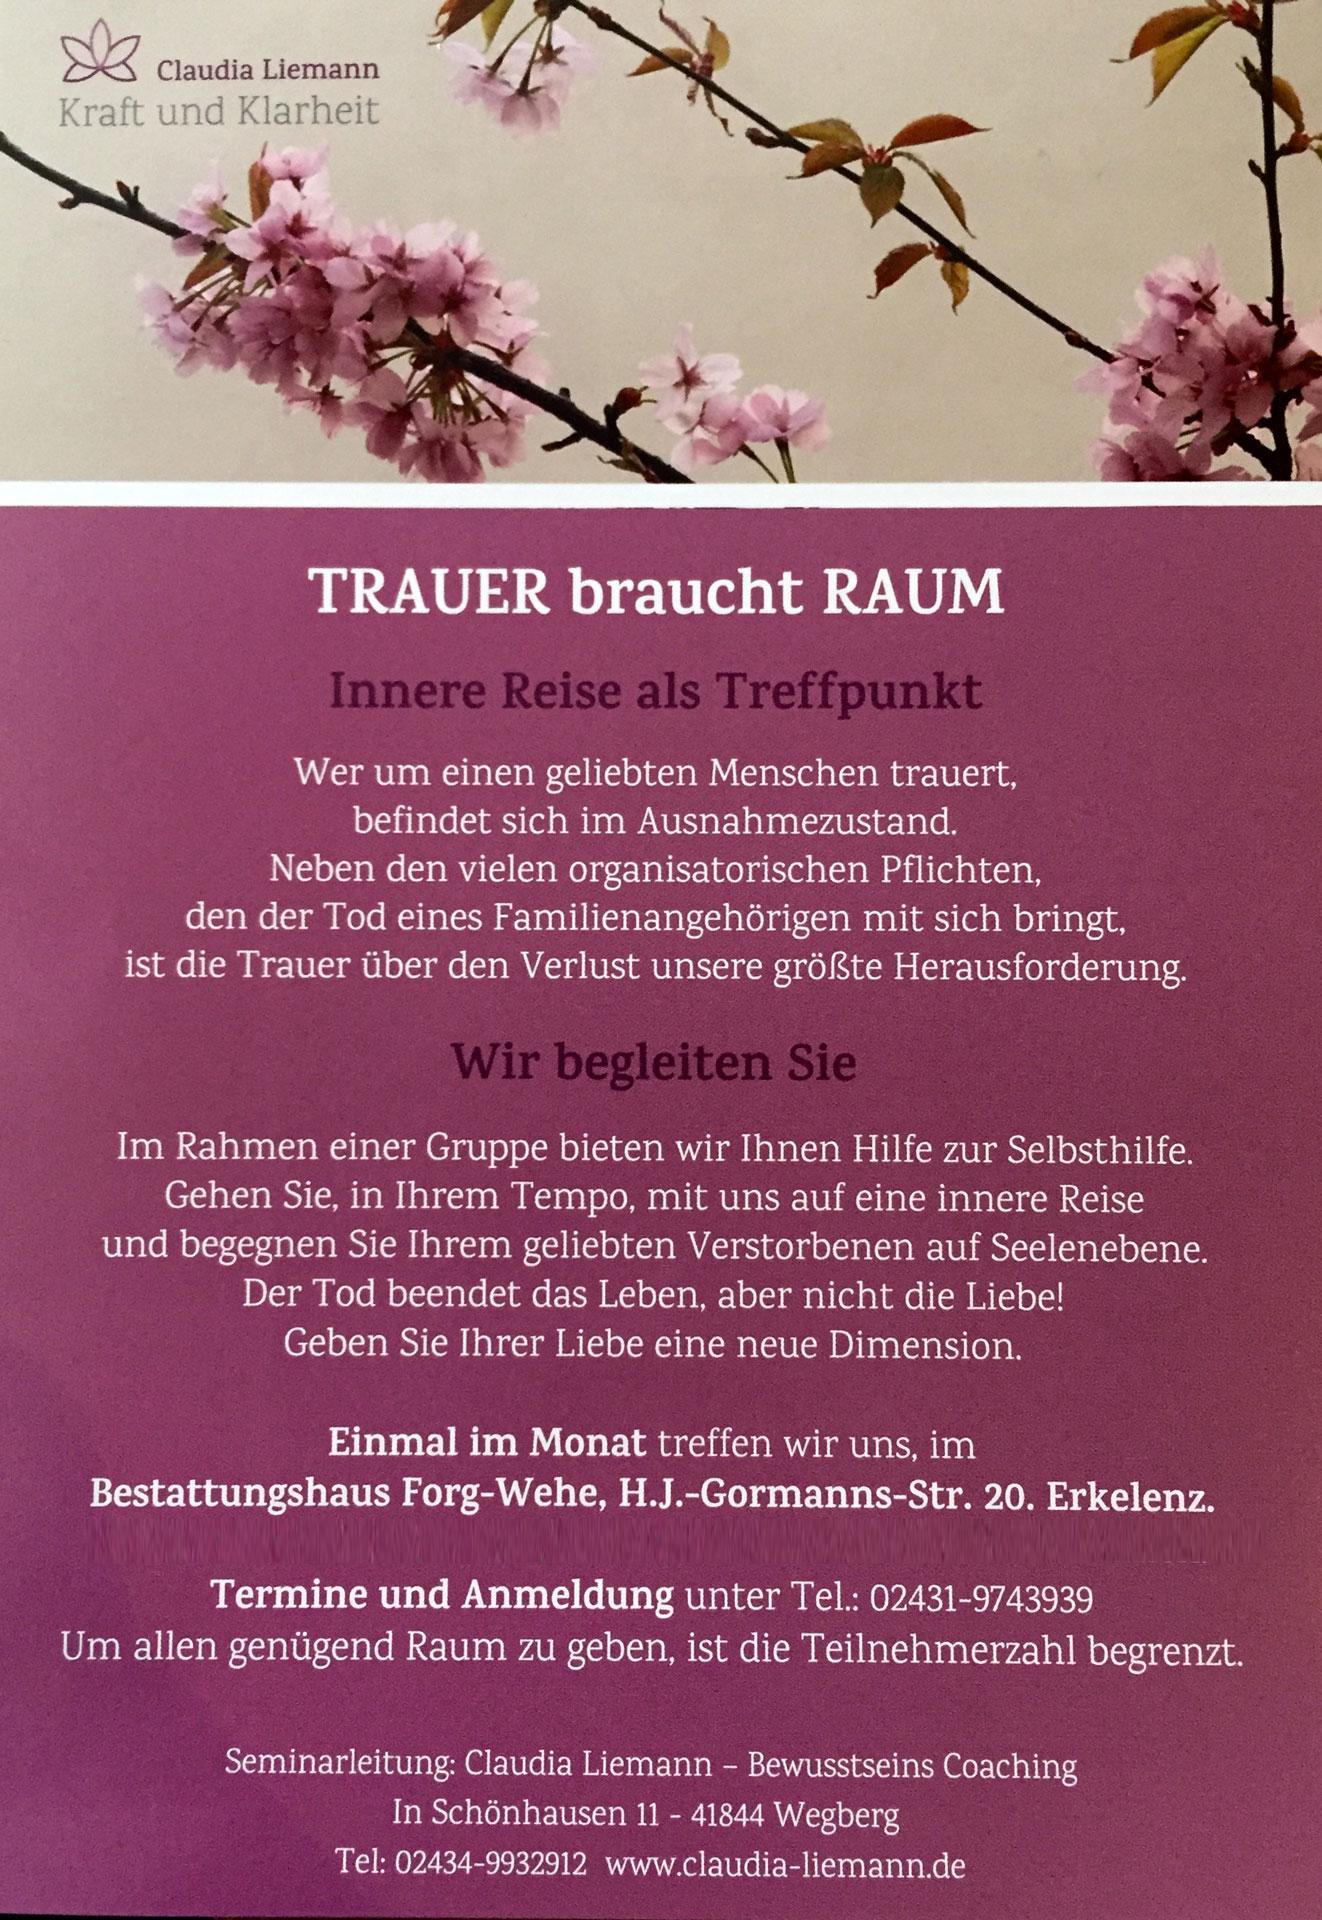 Trauer-braucht-Raum-flyer